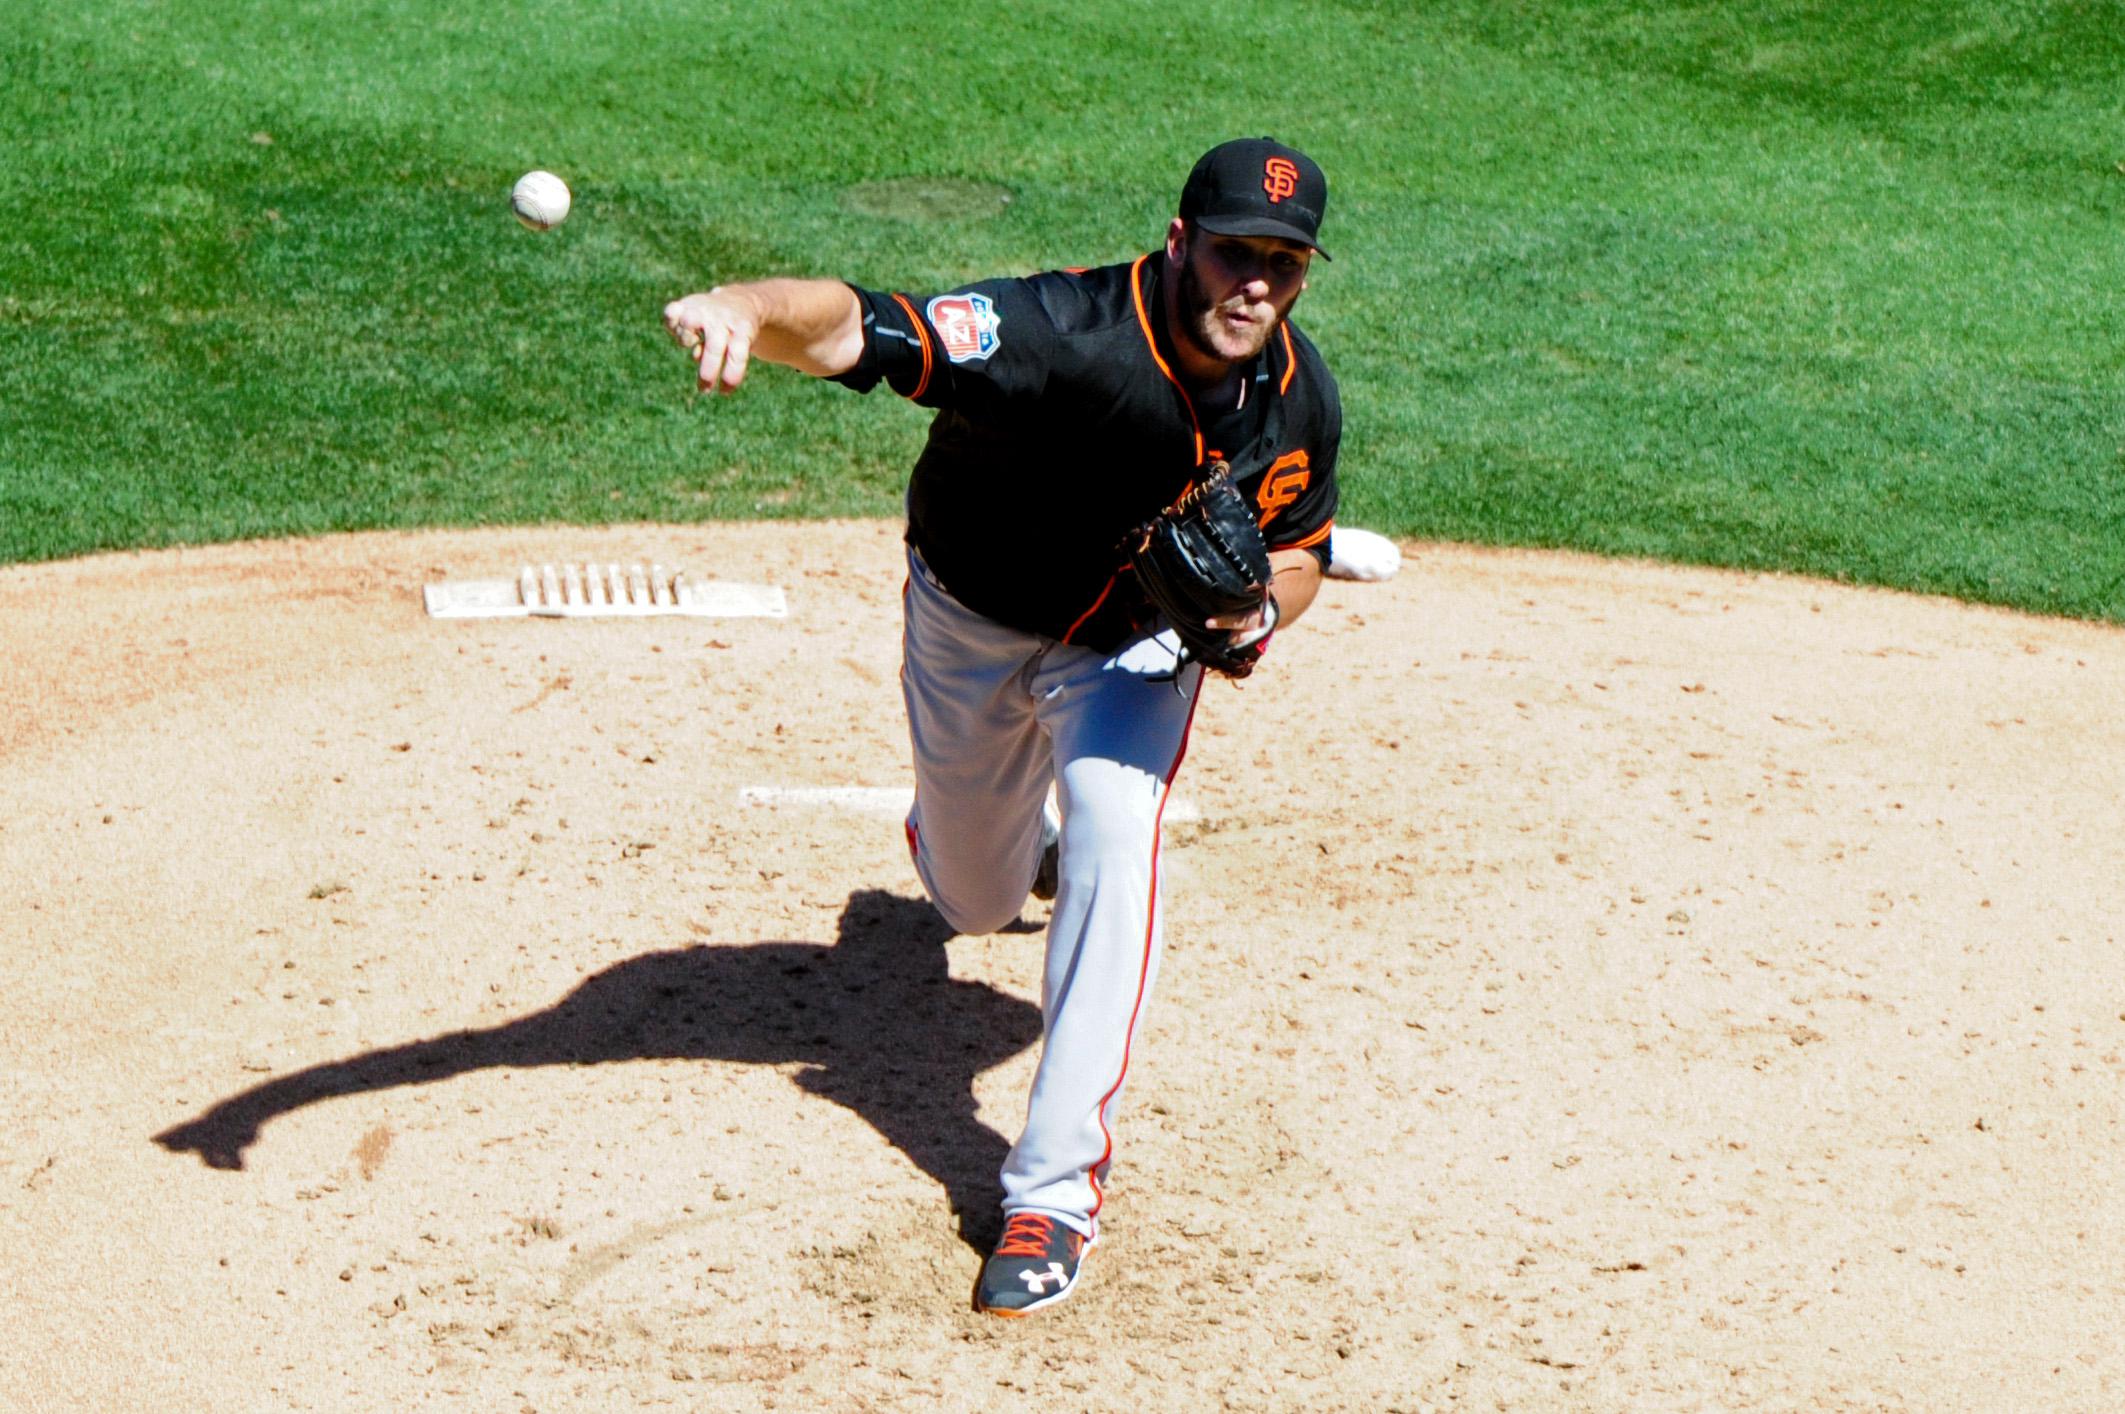 MLB: Spring Training-San Francisco Giants at Colorado Rockies